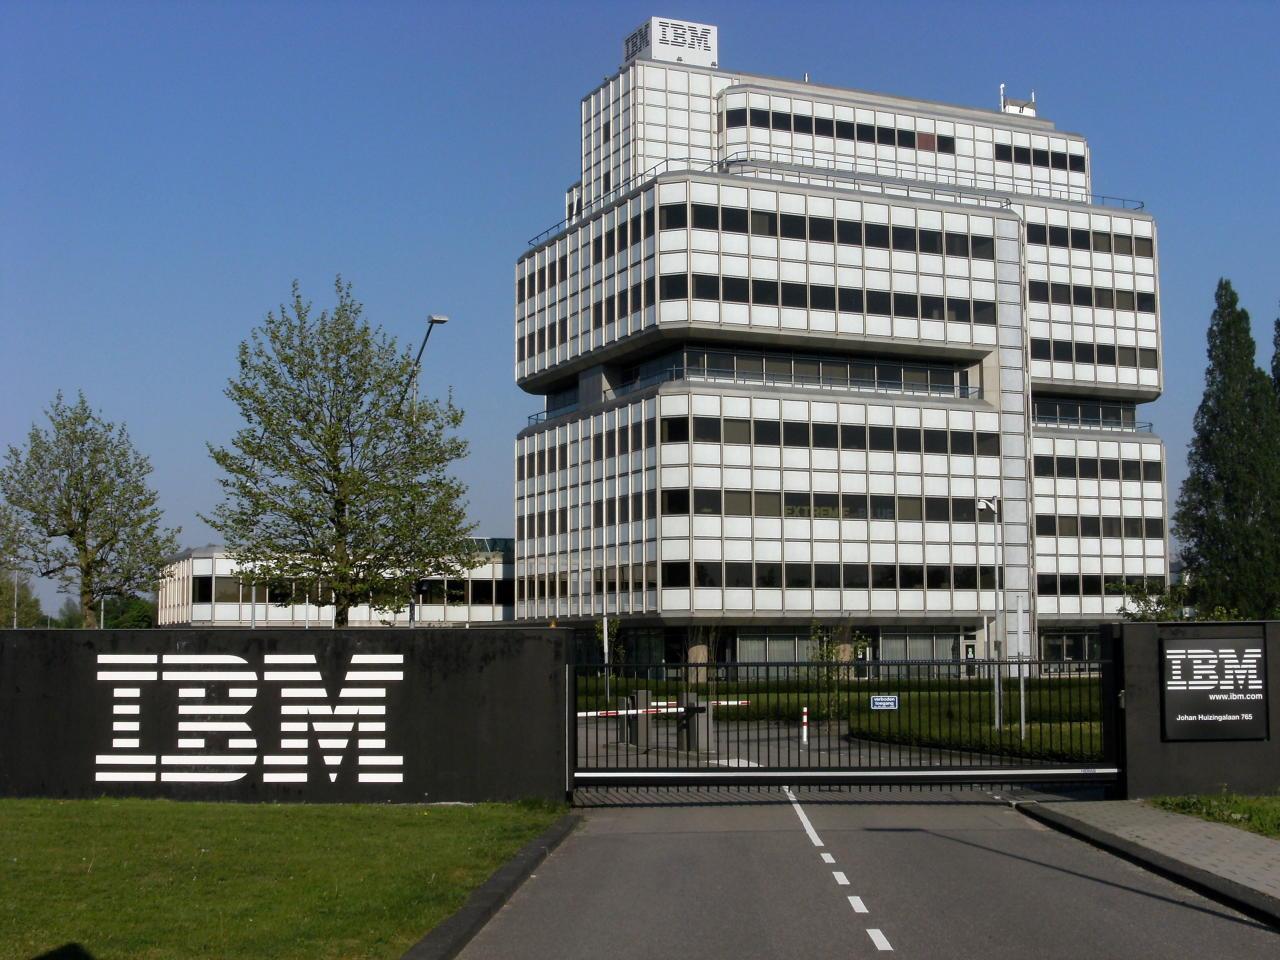 Es uno de los gigantes tecnológicos, pero IBM no obliga a muchos de sus empleados a contar con una carrera universitaria. En la actualidad requiere por ejemplo ingenieros de blockchain o profesional de contratos y negociaciones. Obtiene un 3,4 de Glassdoor. (Foto: Wikimedia Commons).